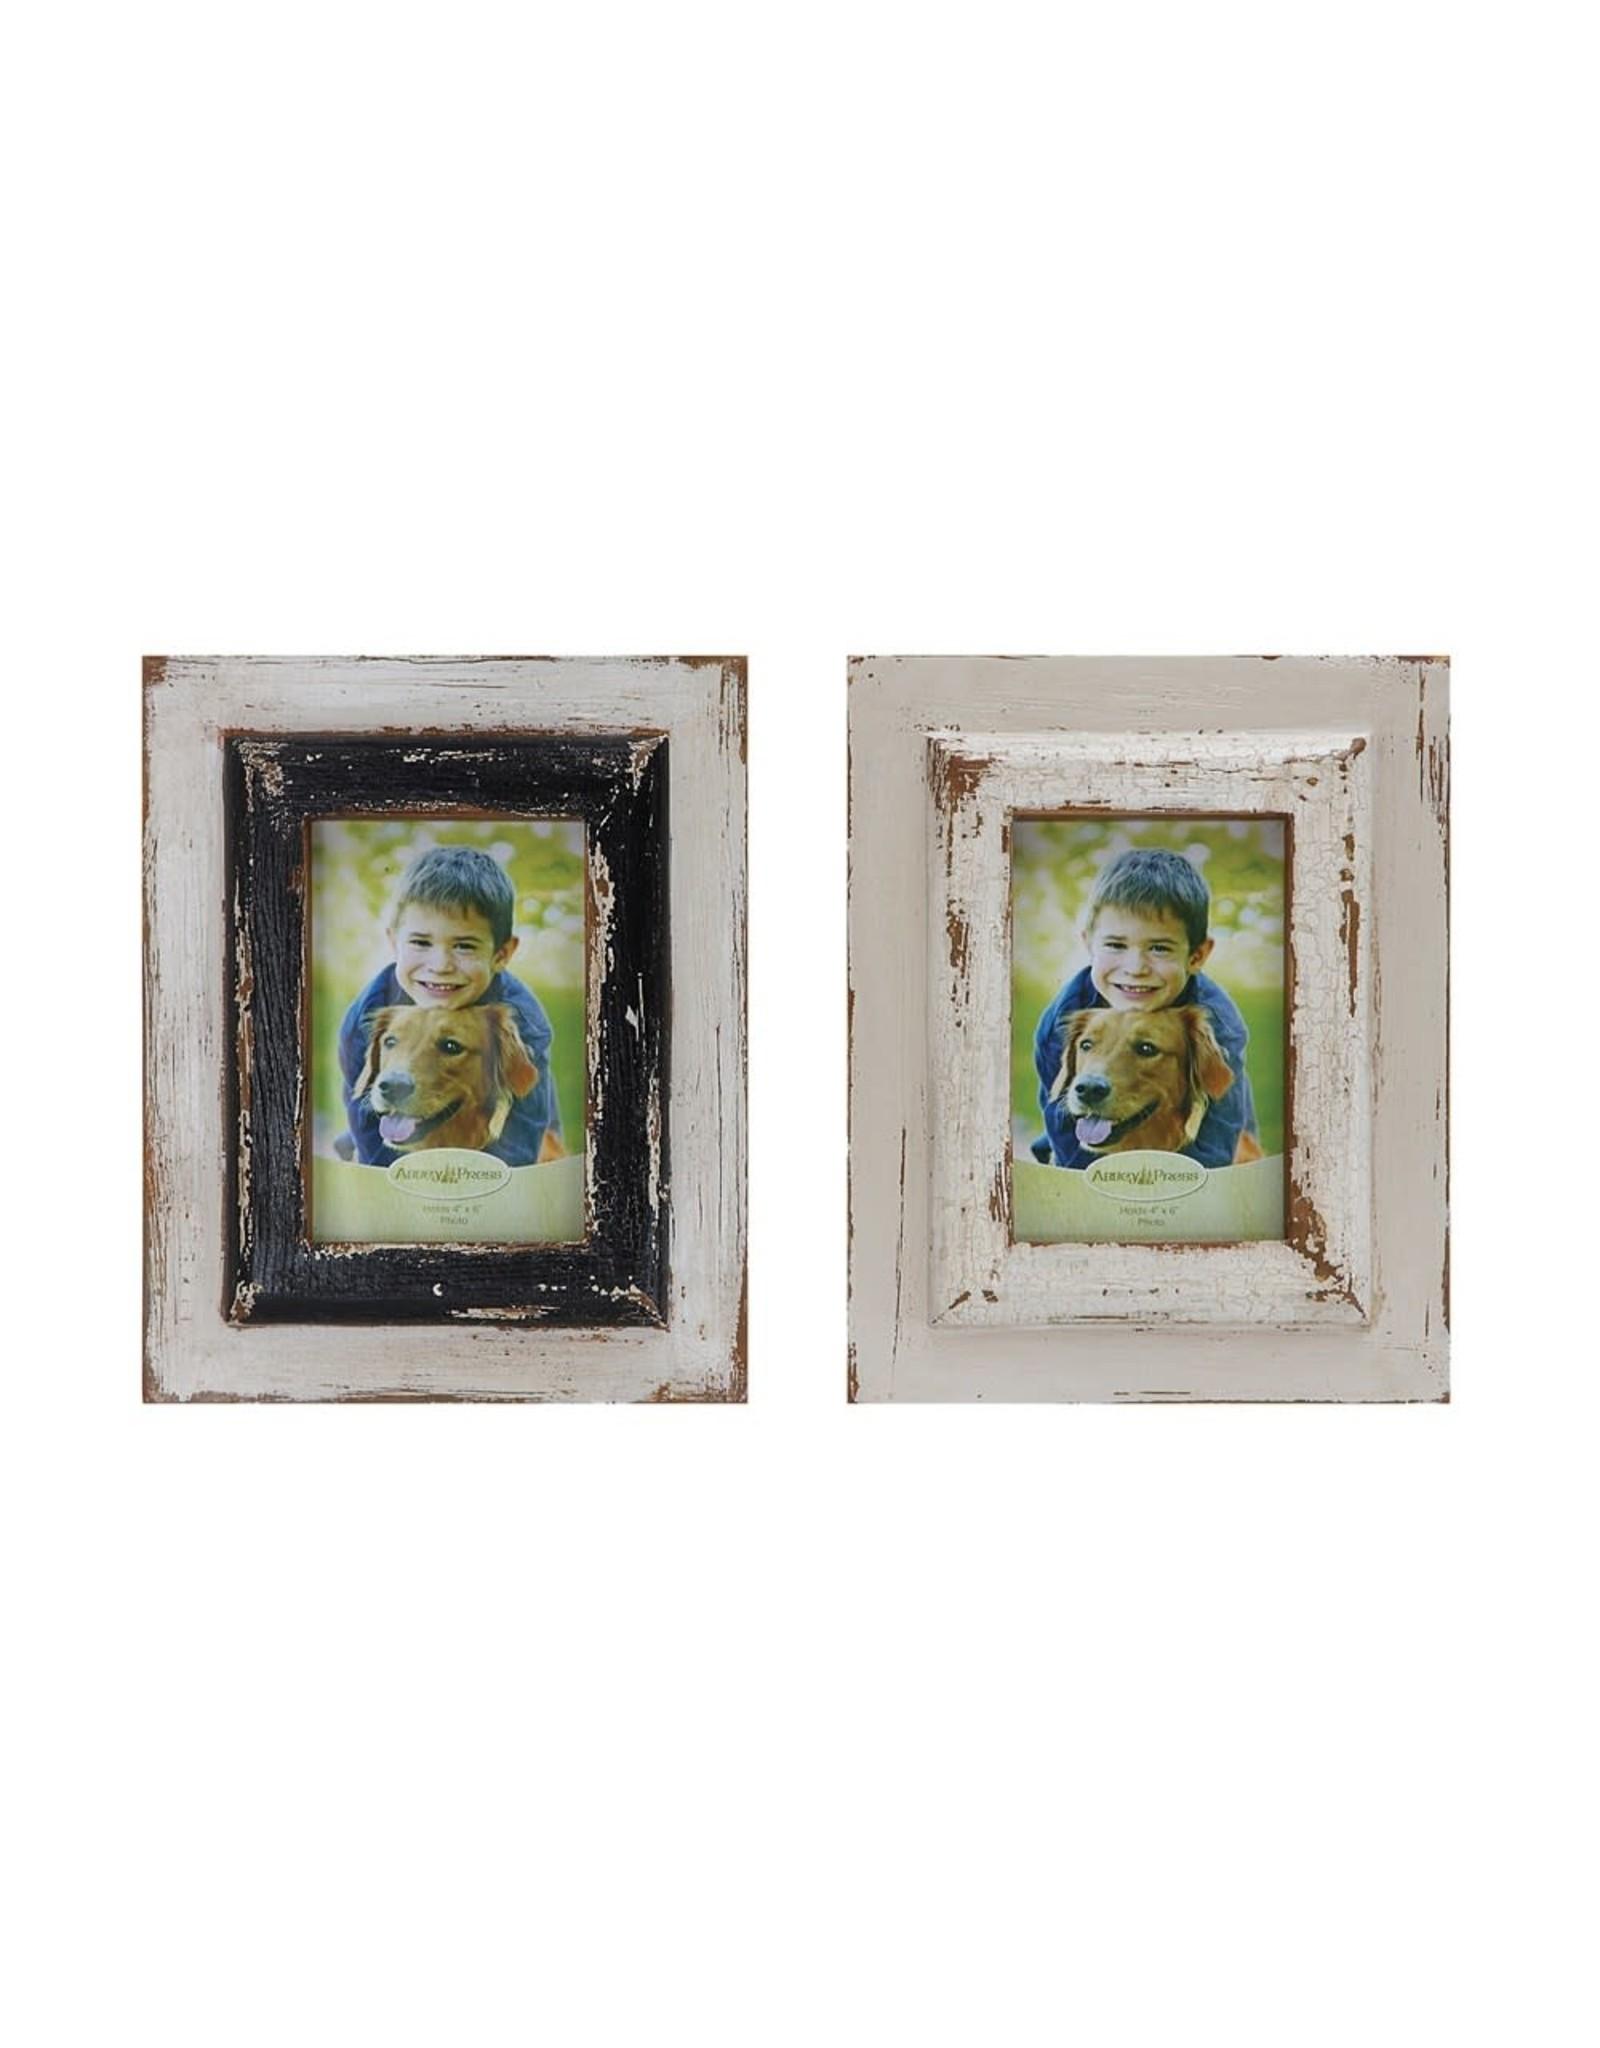 Pomp & Prose 8x10 Wood Frame White PPT